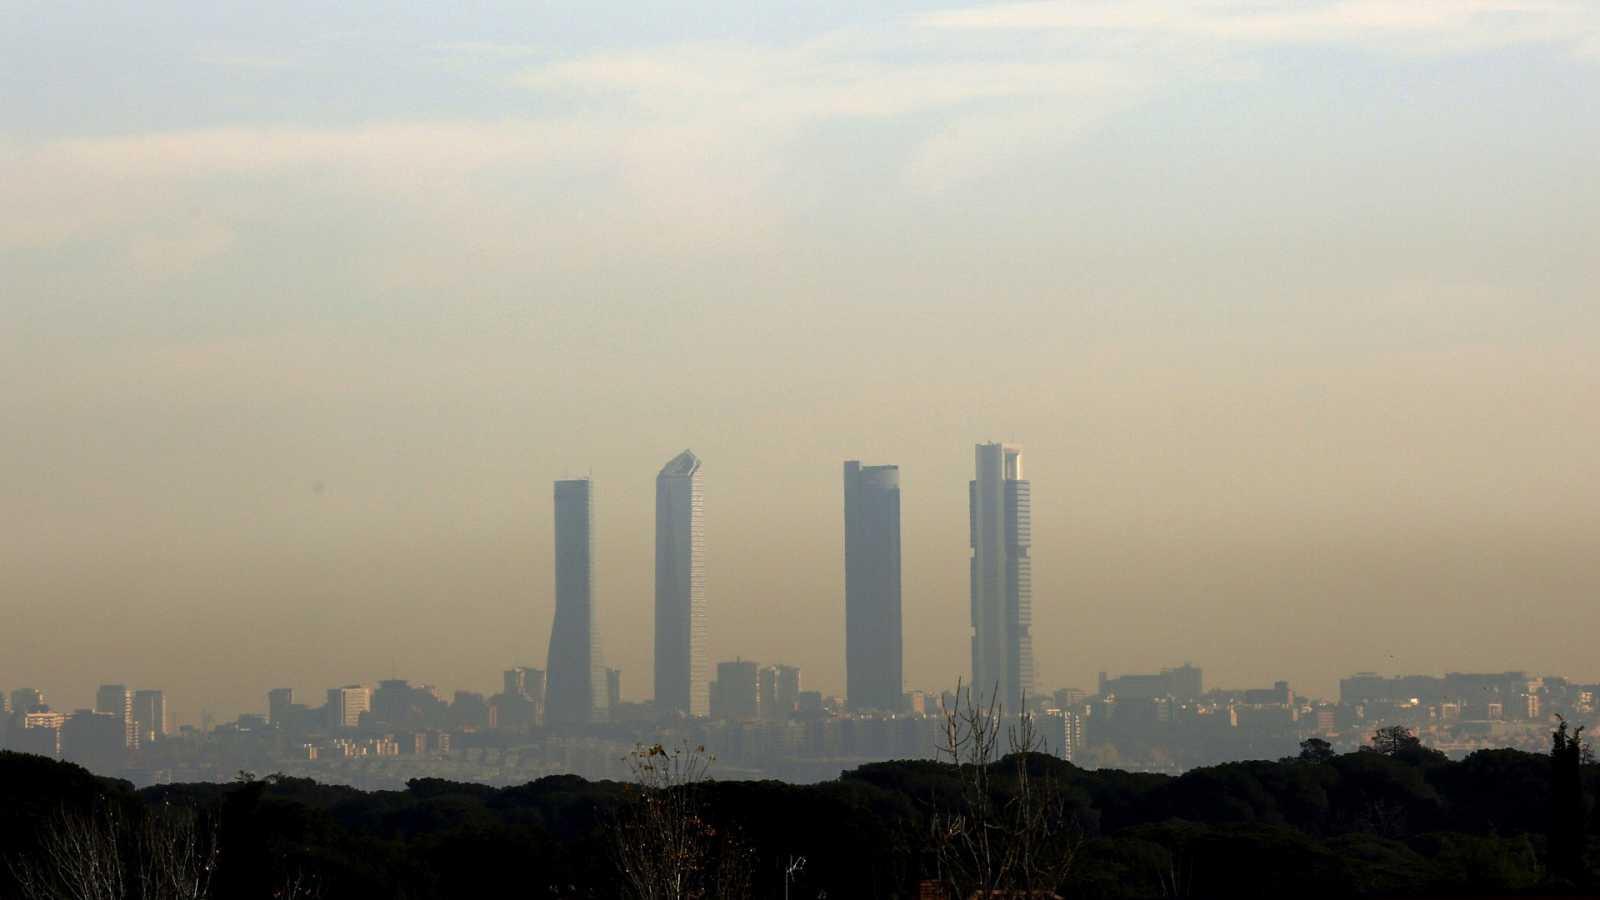 La ciudad de Madrid bajo una nube de contaminación en una imagen de archivo de 2019